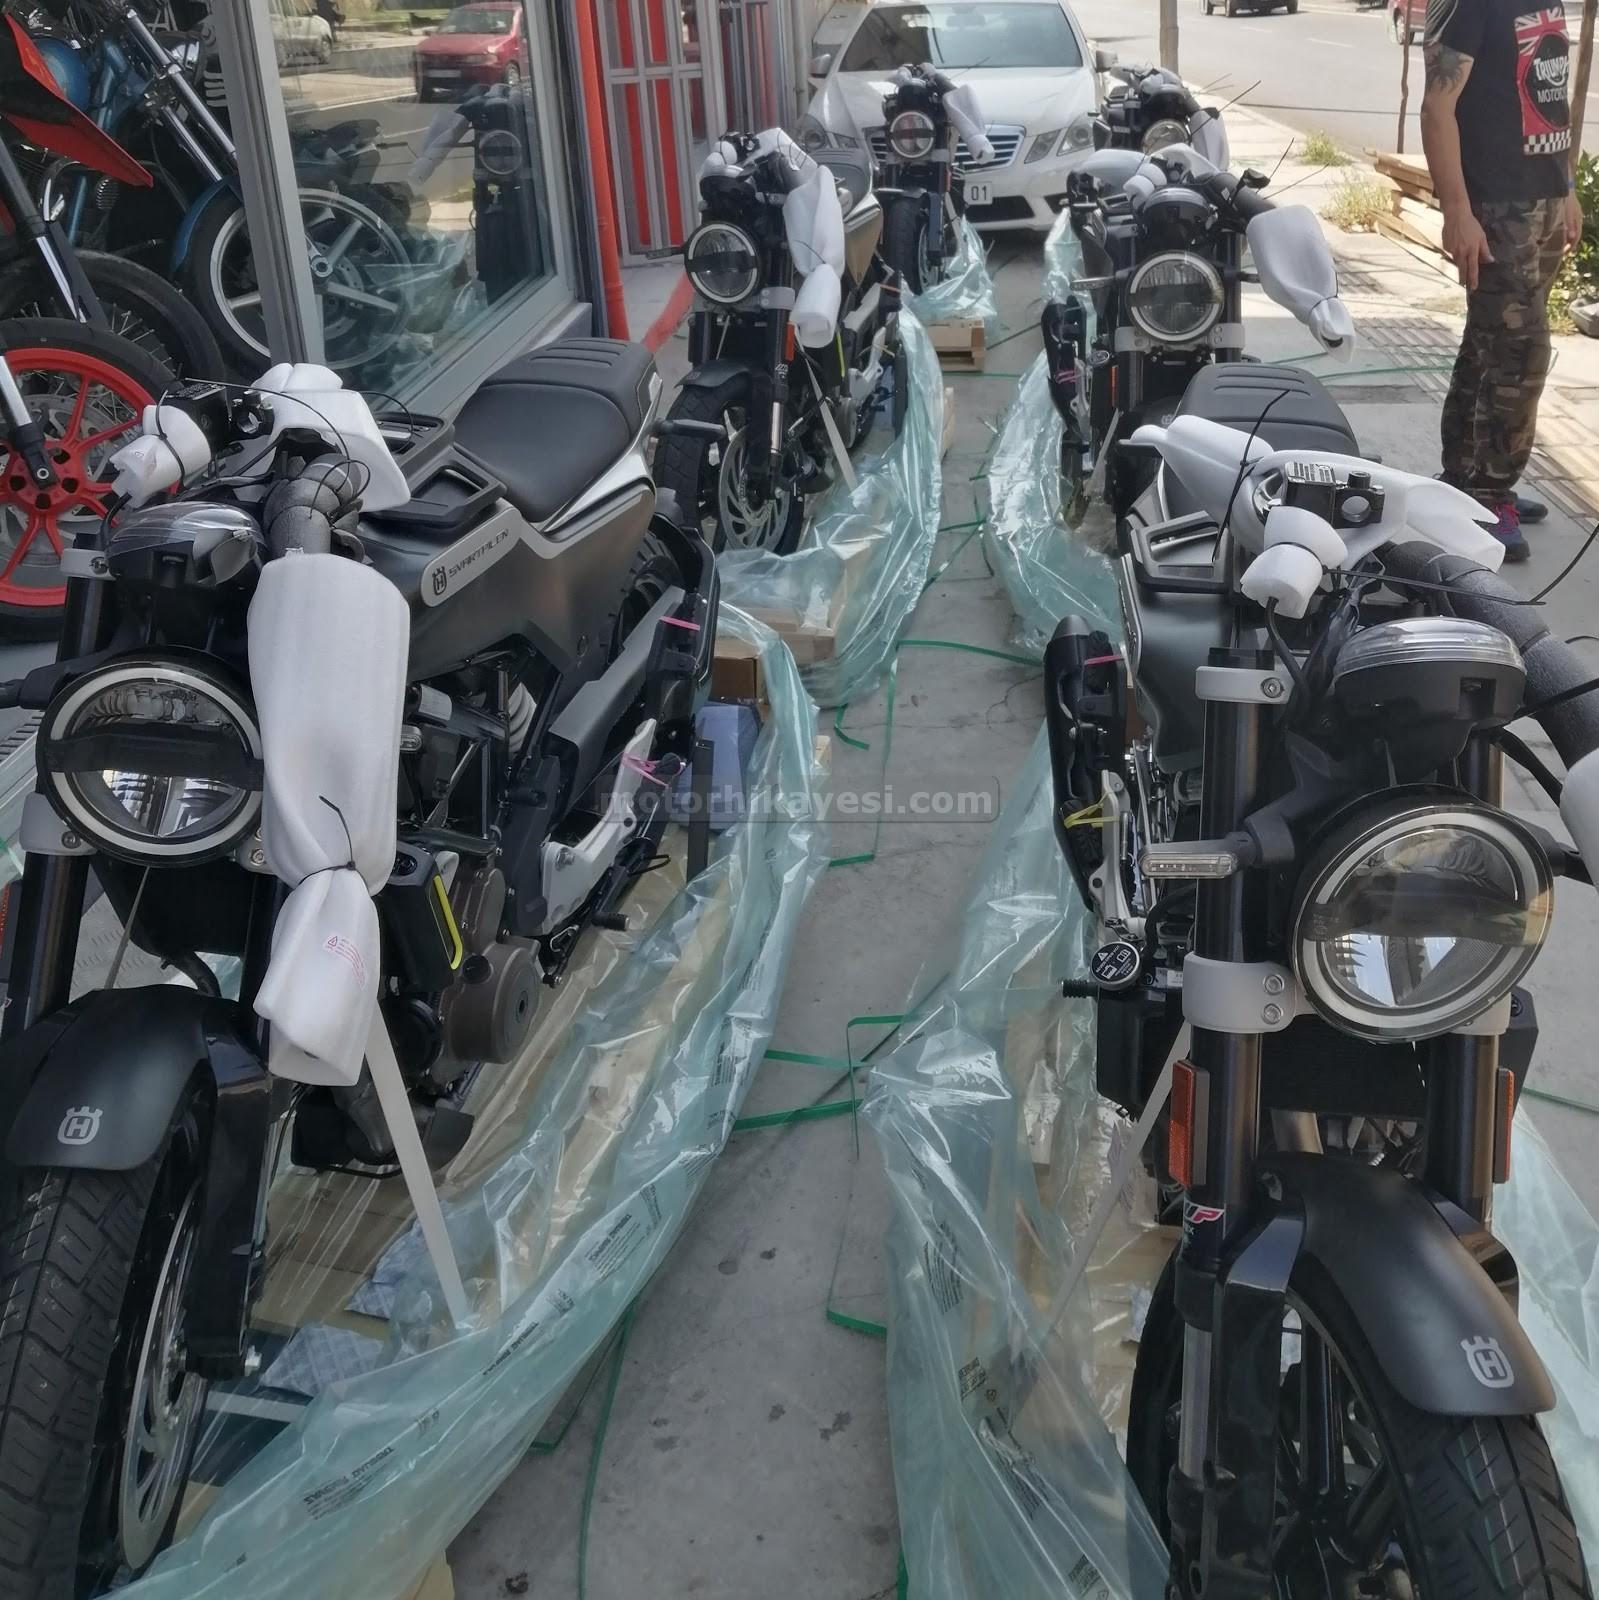 sıfır motosiklet nasıl gelir - iniş, naylon açma